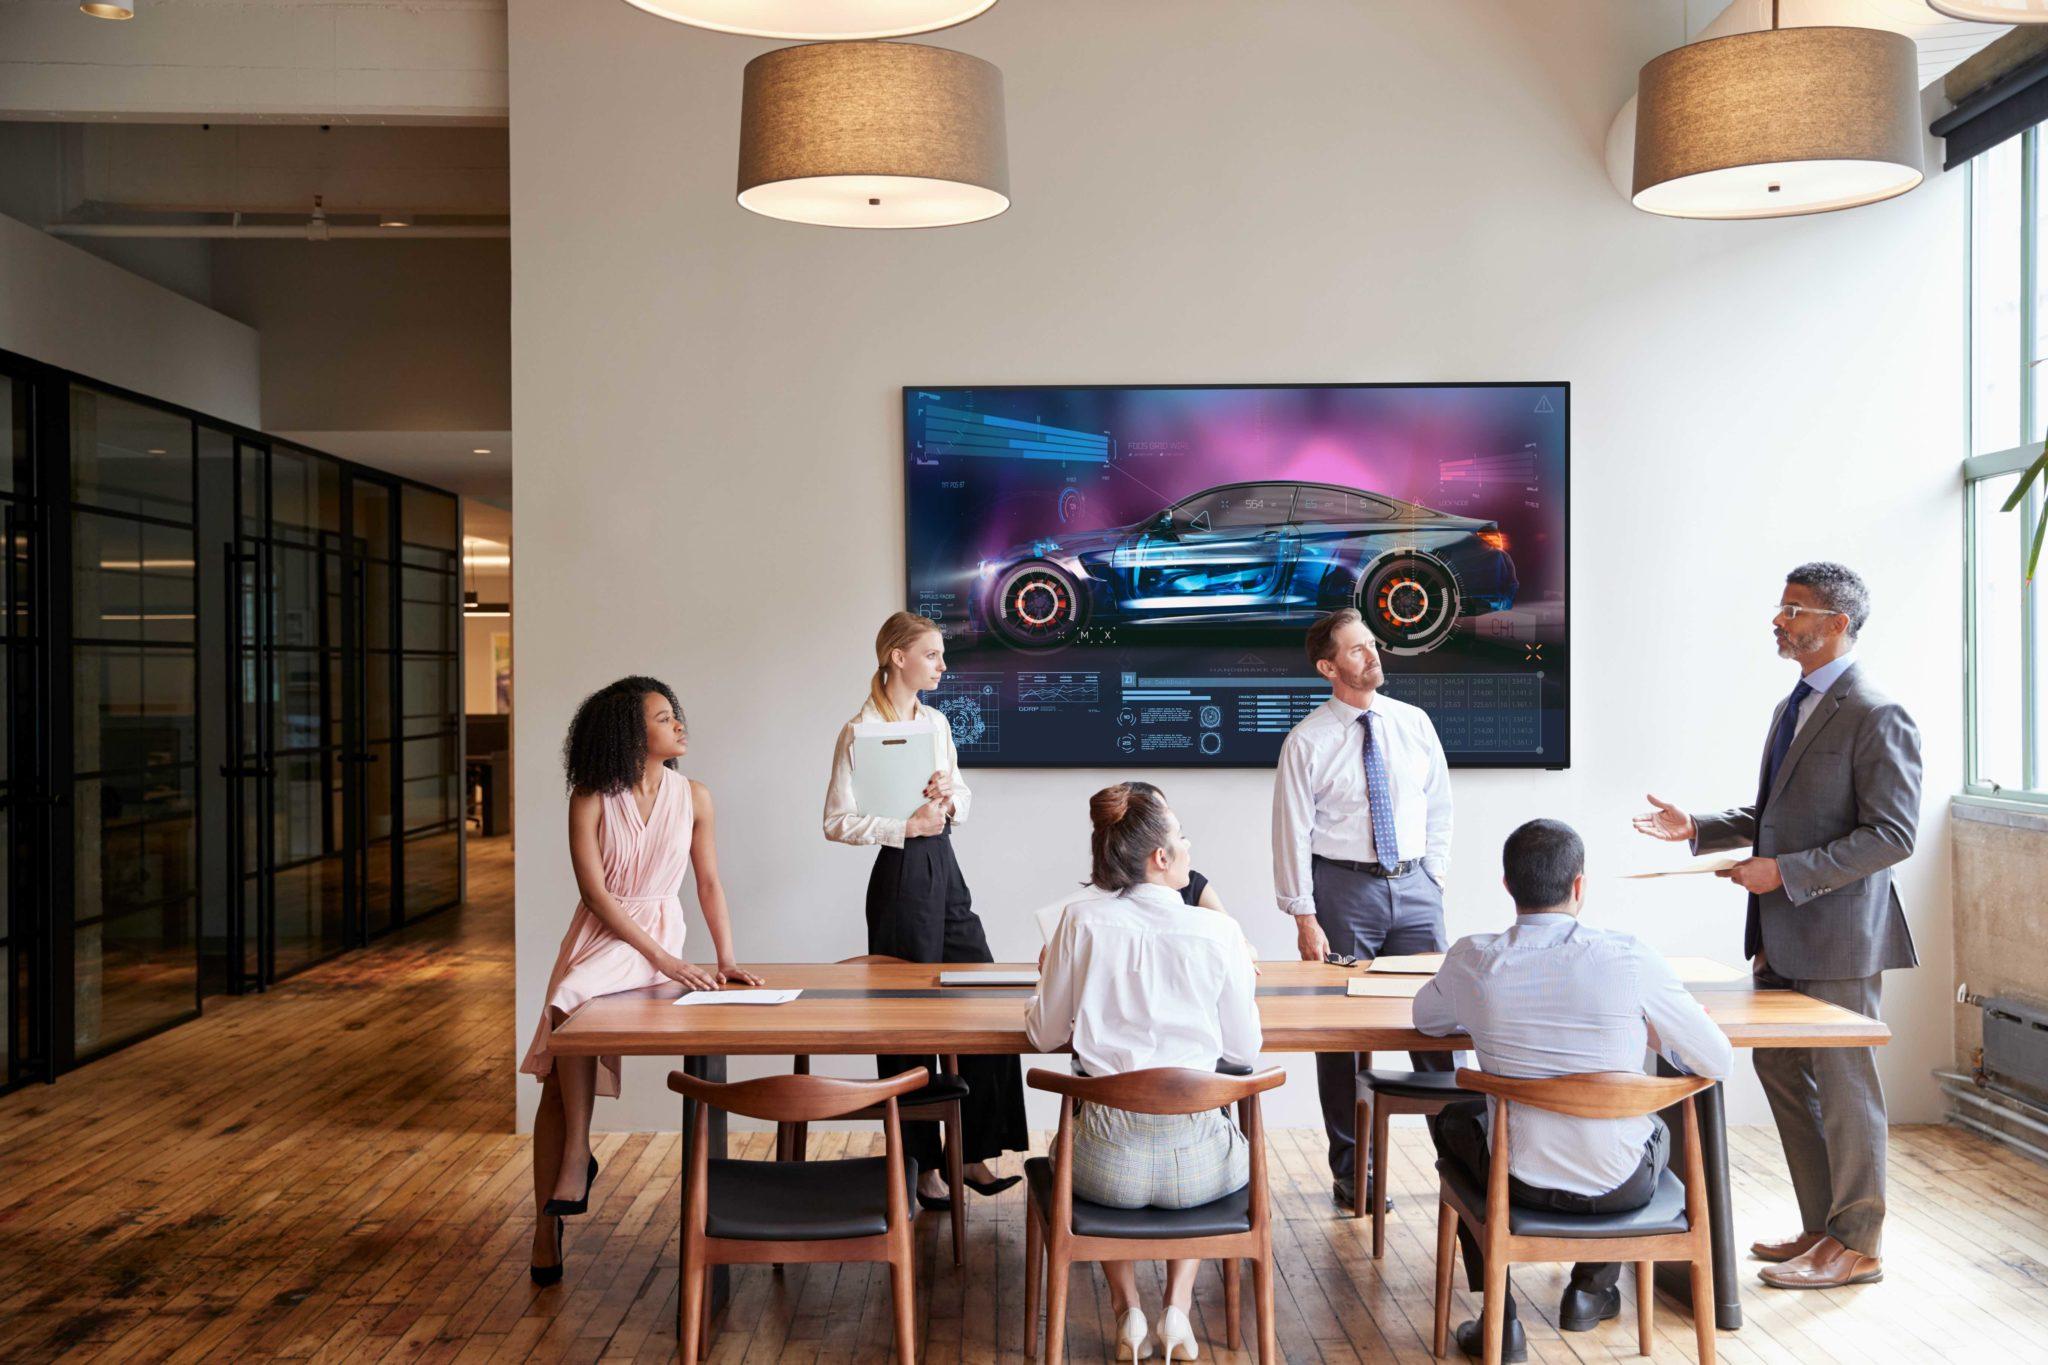 Meeting Panasonic